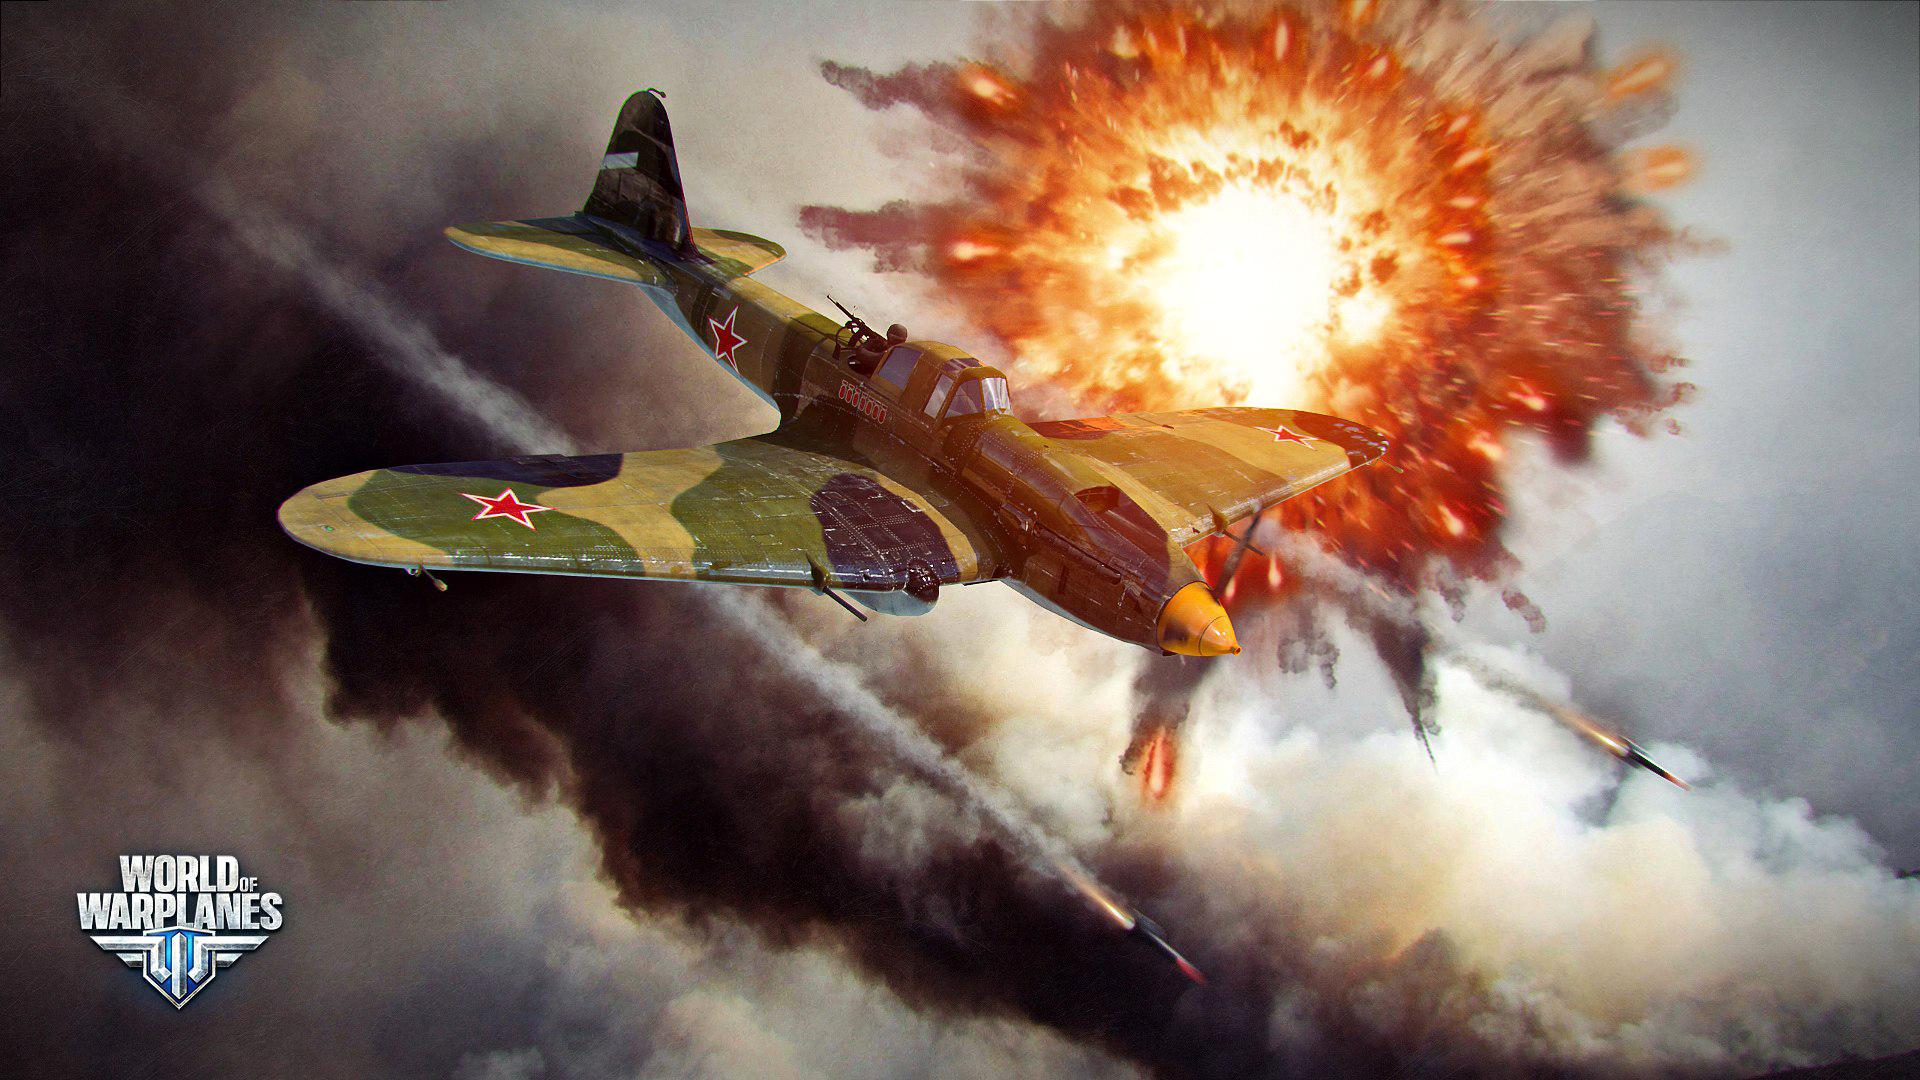 Играть бесплатно в World of Warplanes